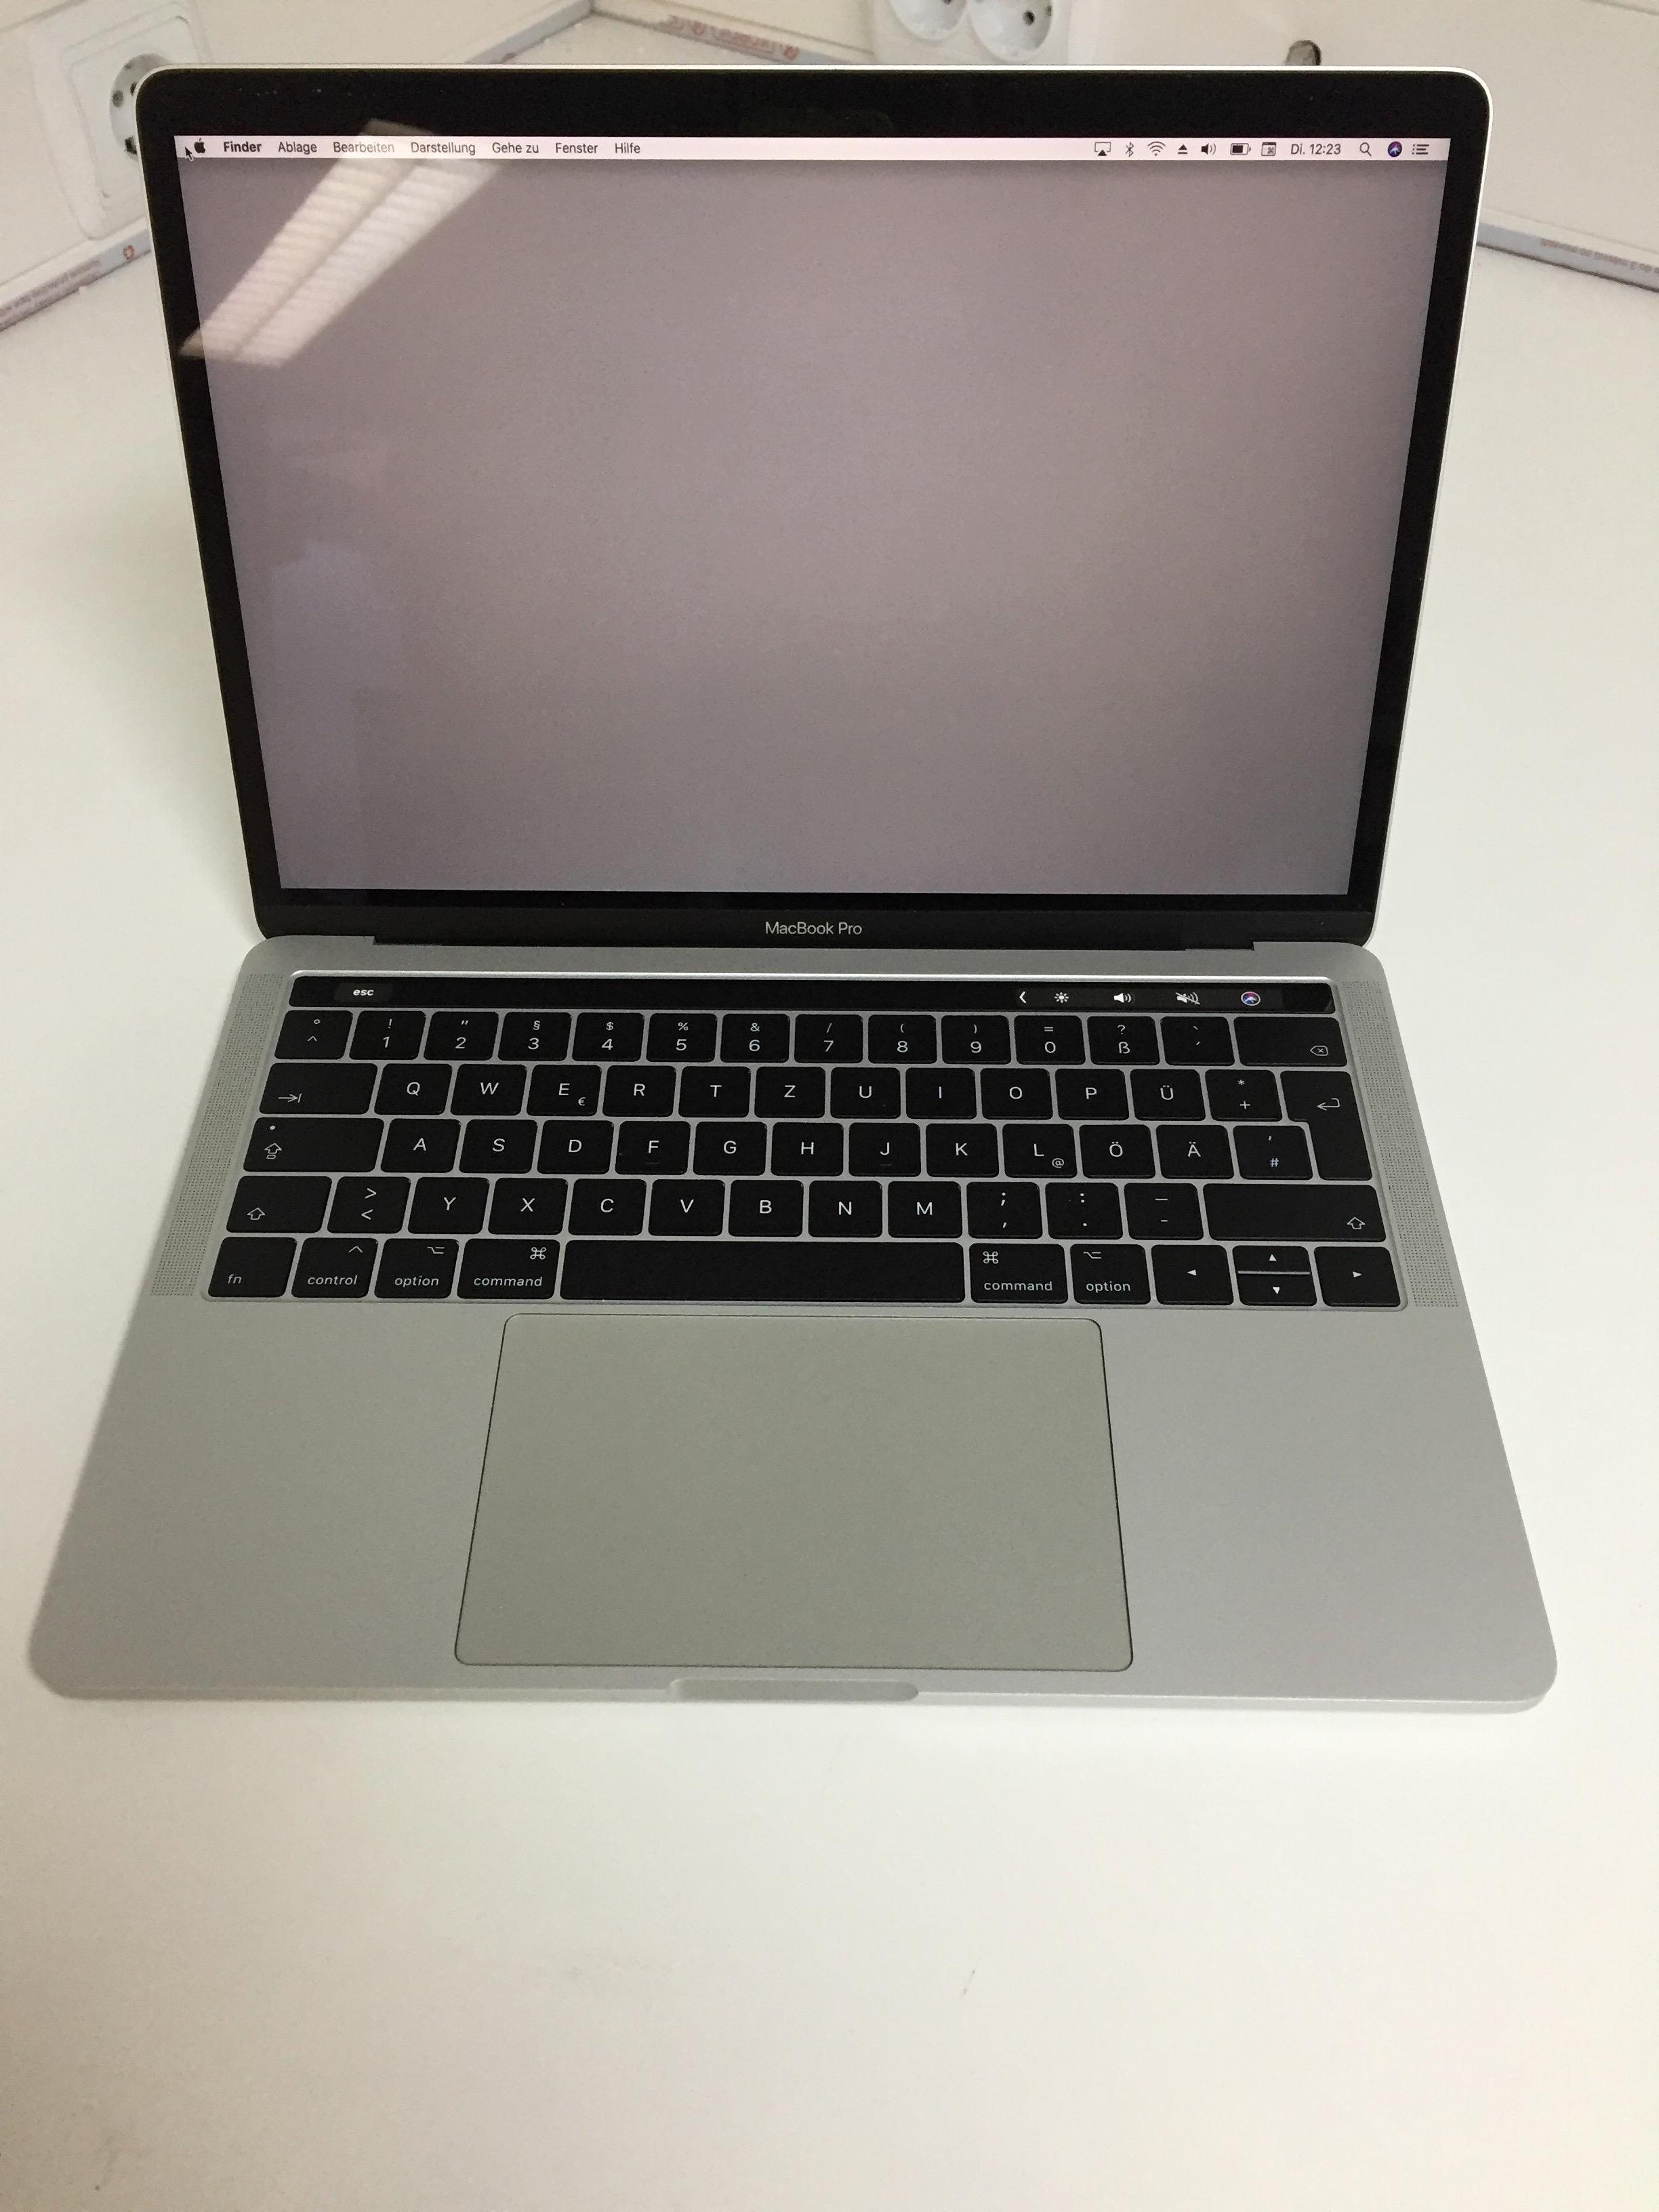 """MacBook Pro 13"""" 4TBT Mid 2017 (Intel Core i5 3.1 GHz 16 GB RAM 1 TB SSD), Intel Core i5 3.1 GHz, 16 GB RAM, 1 TB SSD, Bild 1"""